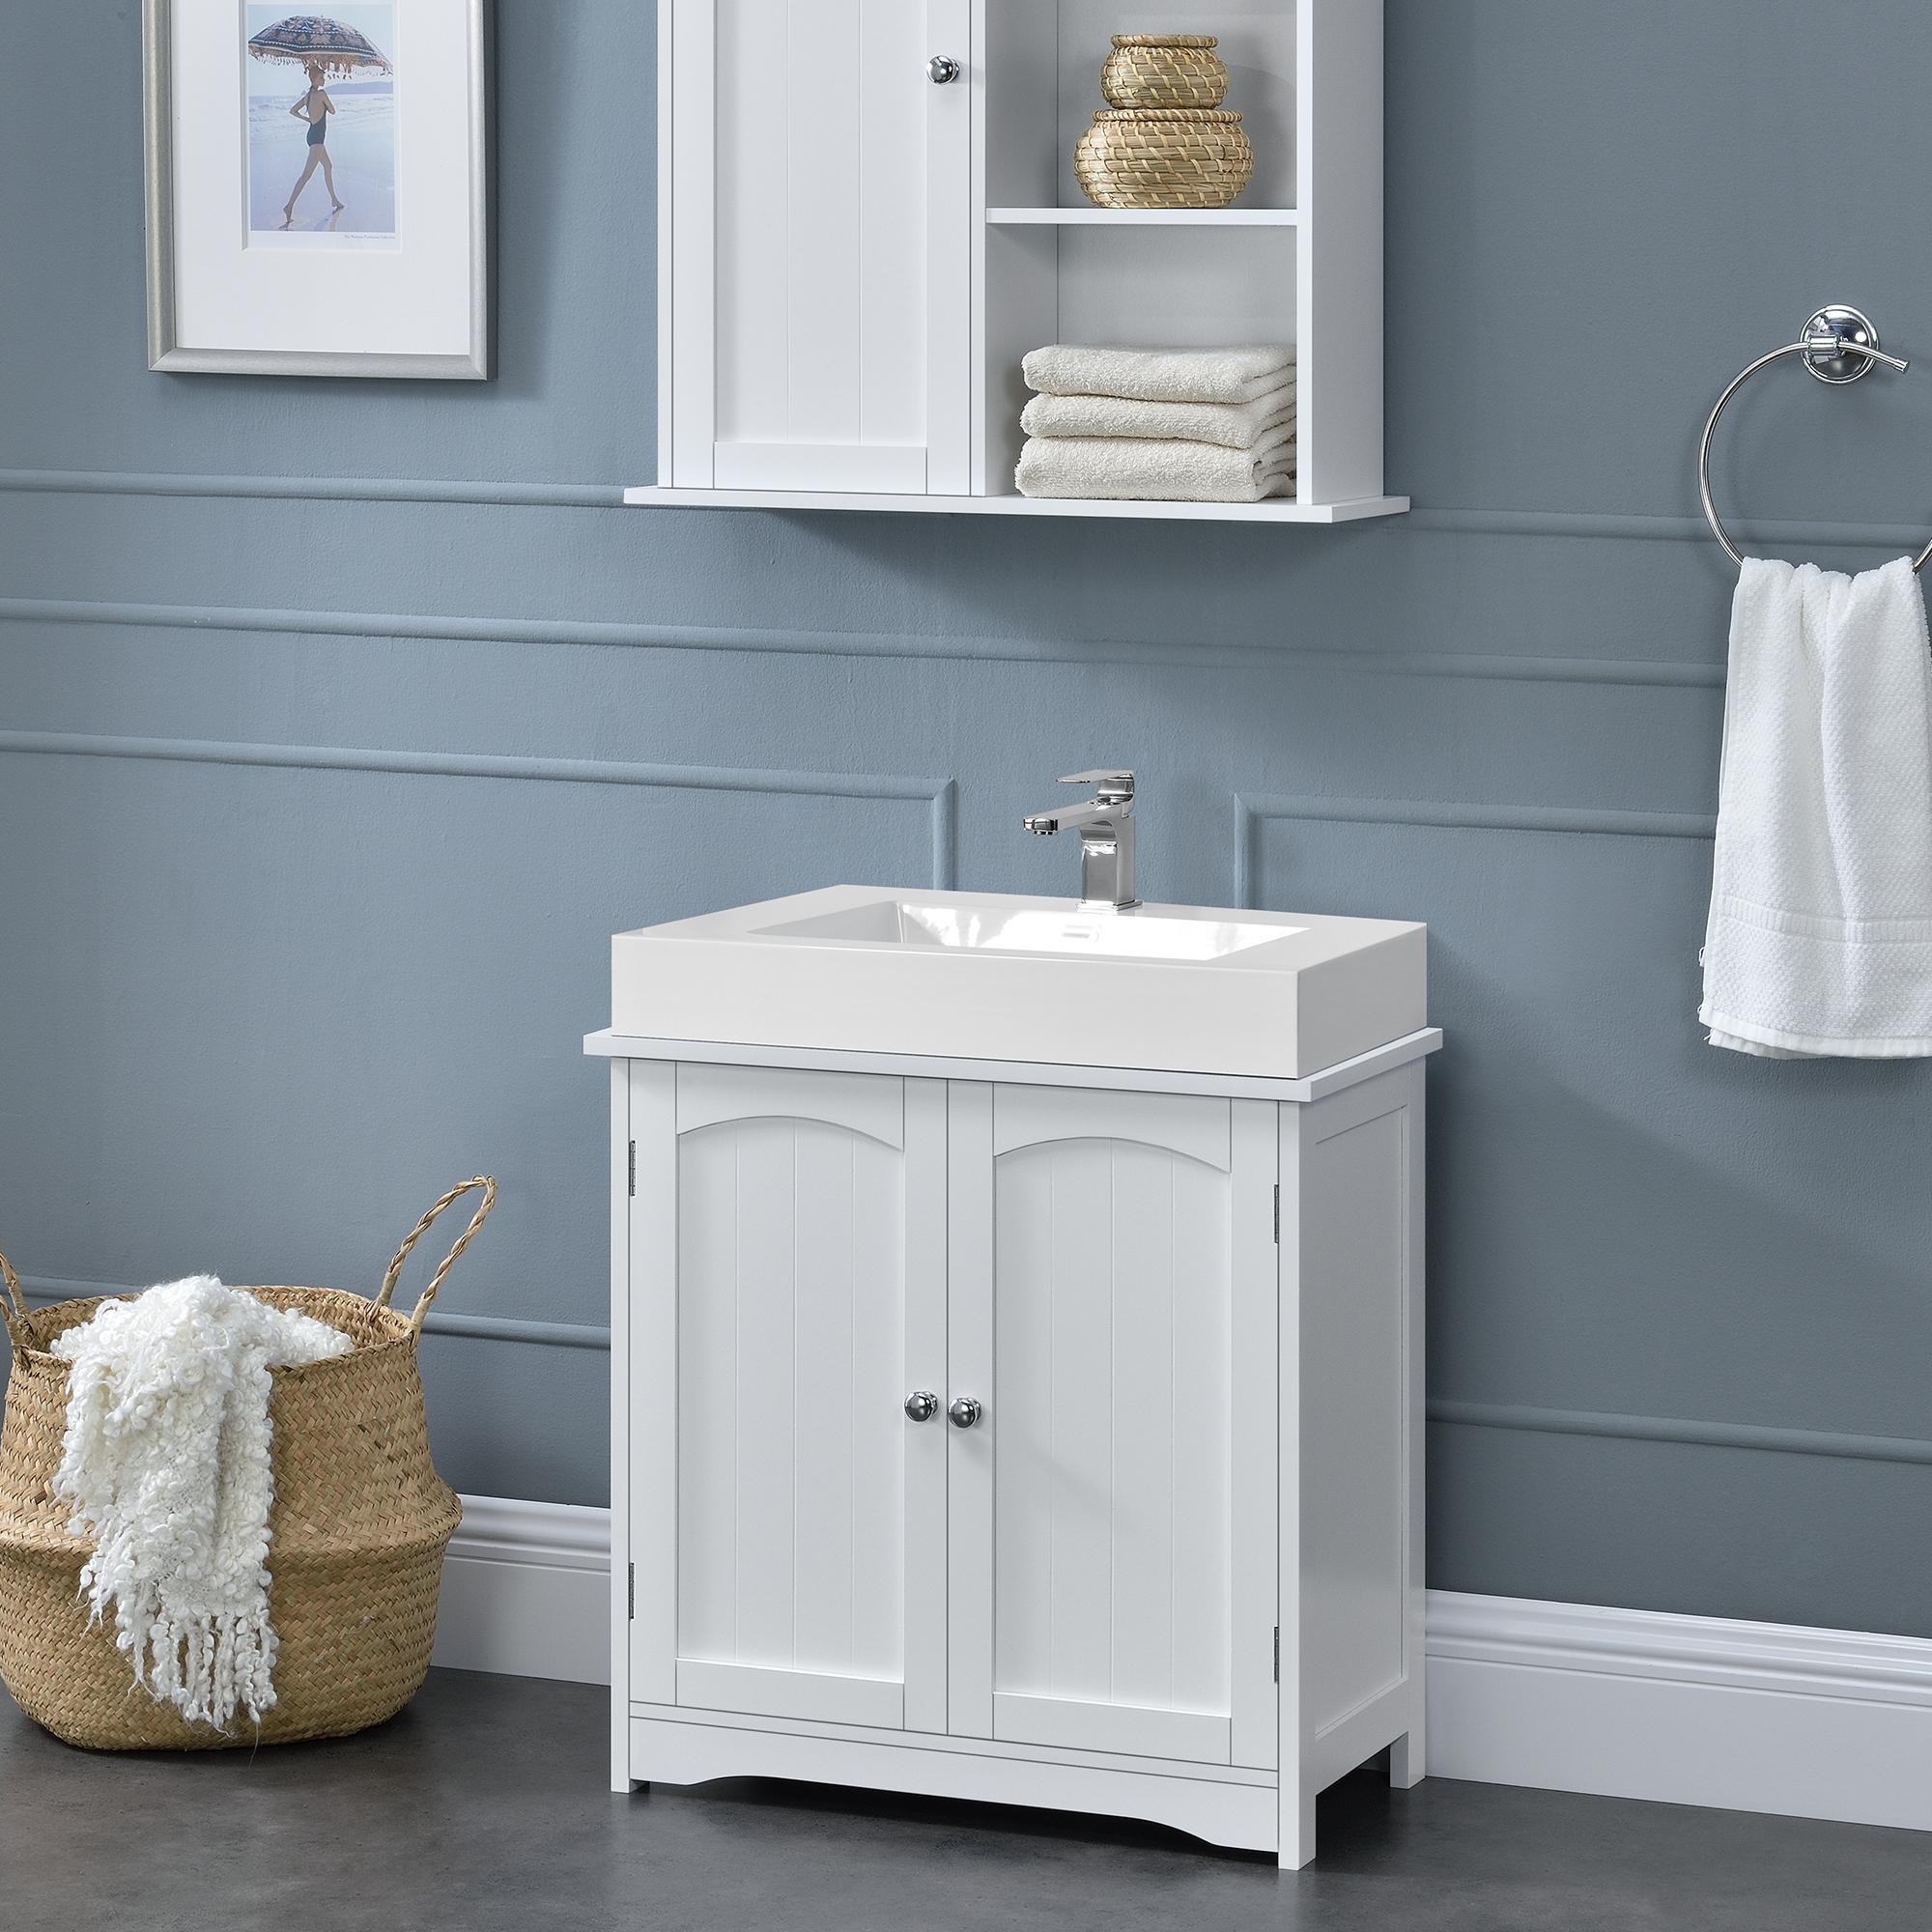 Armadio da bagno per lavabo 60x60x30cm armadio for Armadio da bagno